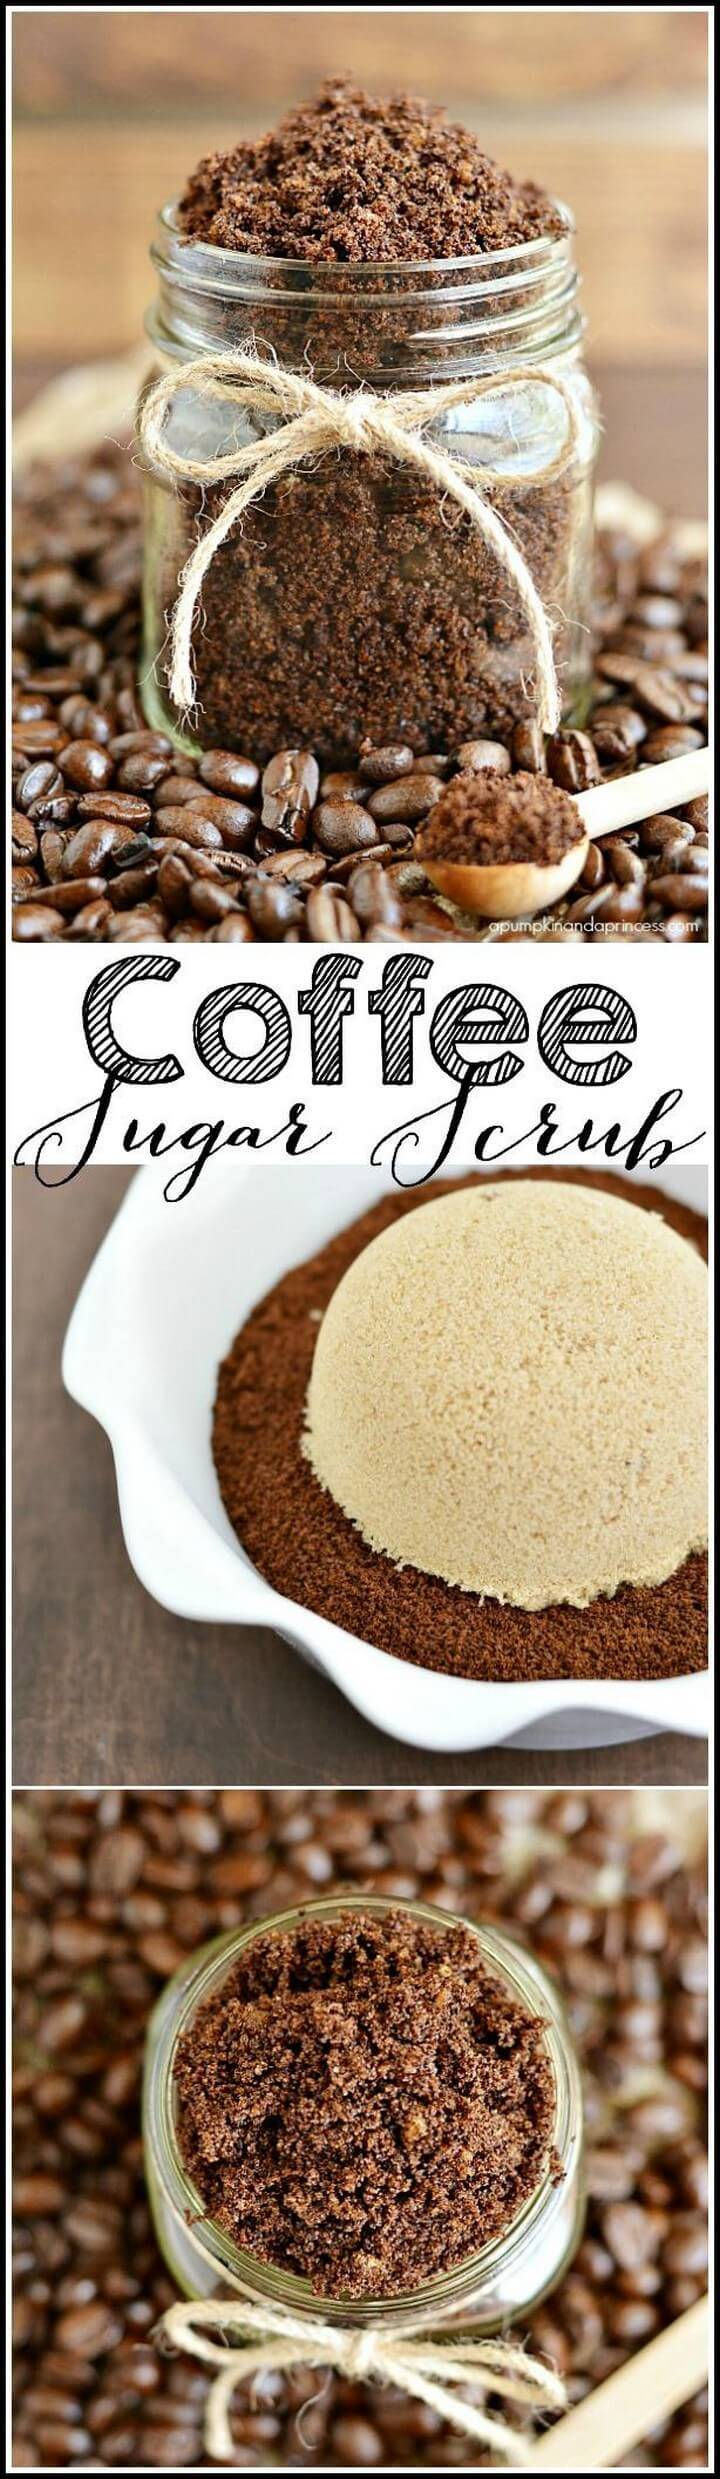 DIY Coffee Mason Jar Sugar Scrub Gift